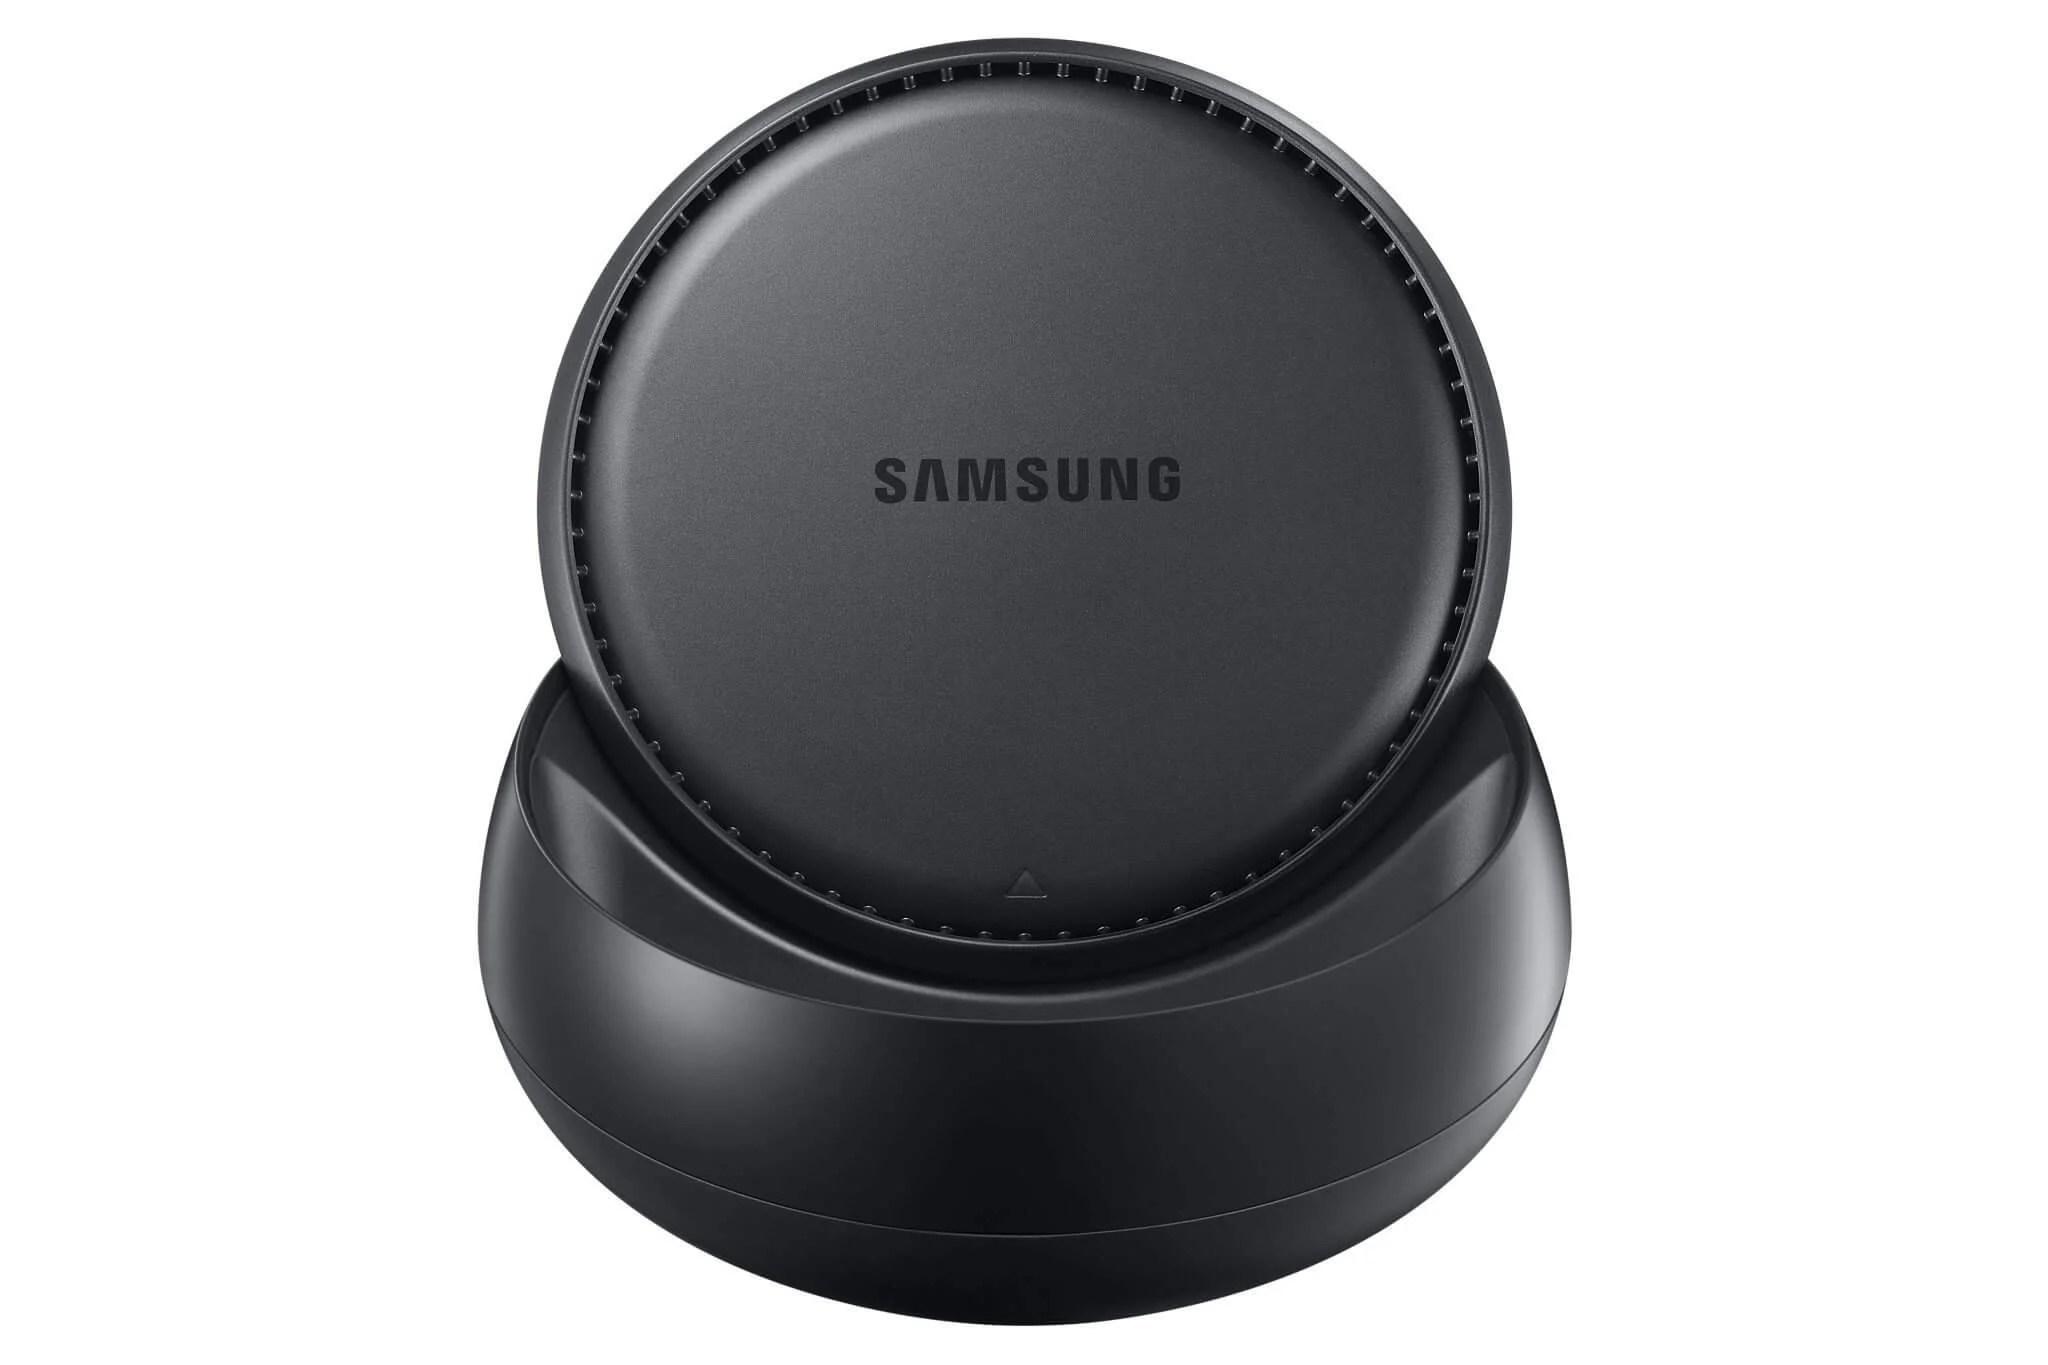 samsung dex devide - Samsung apresenta DeX, dock para PC do Galaxy S8